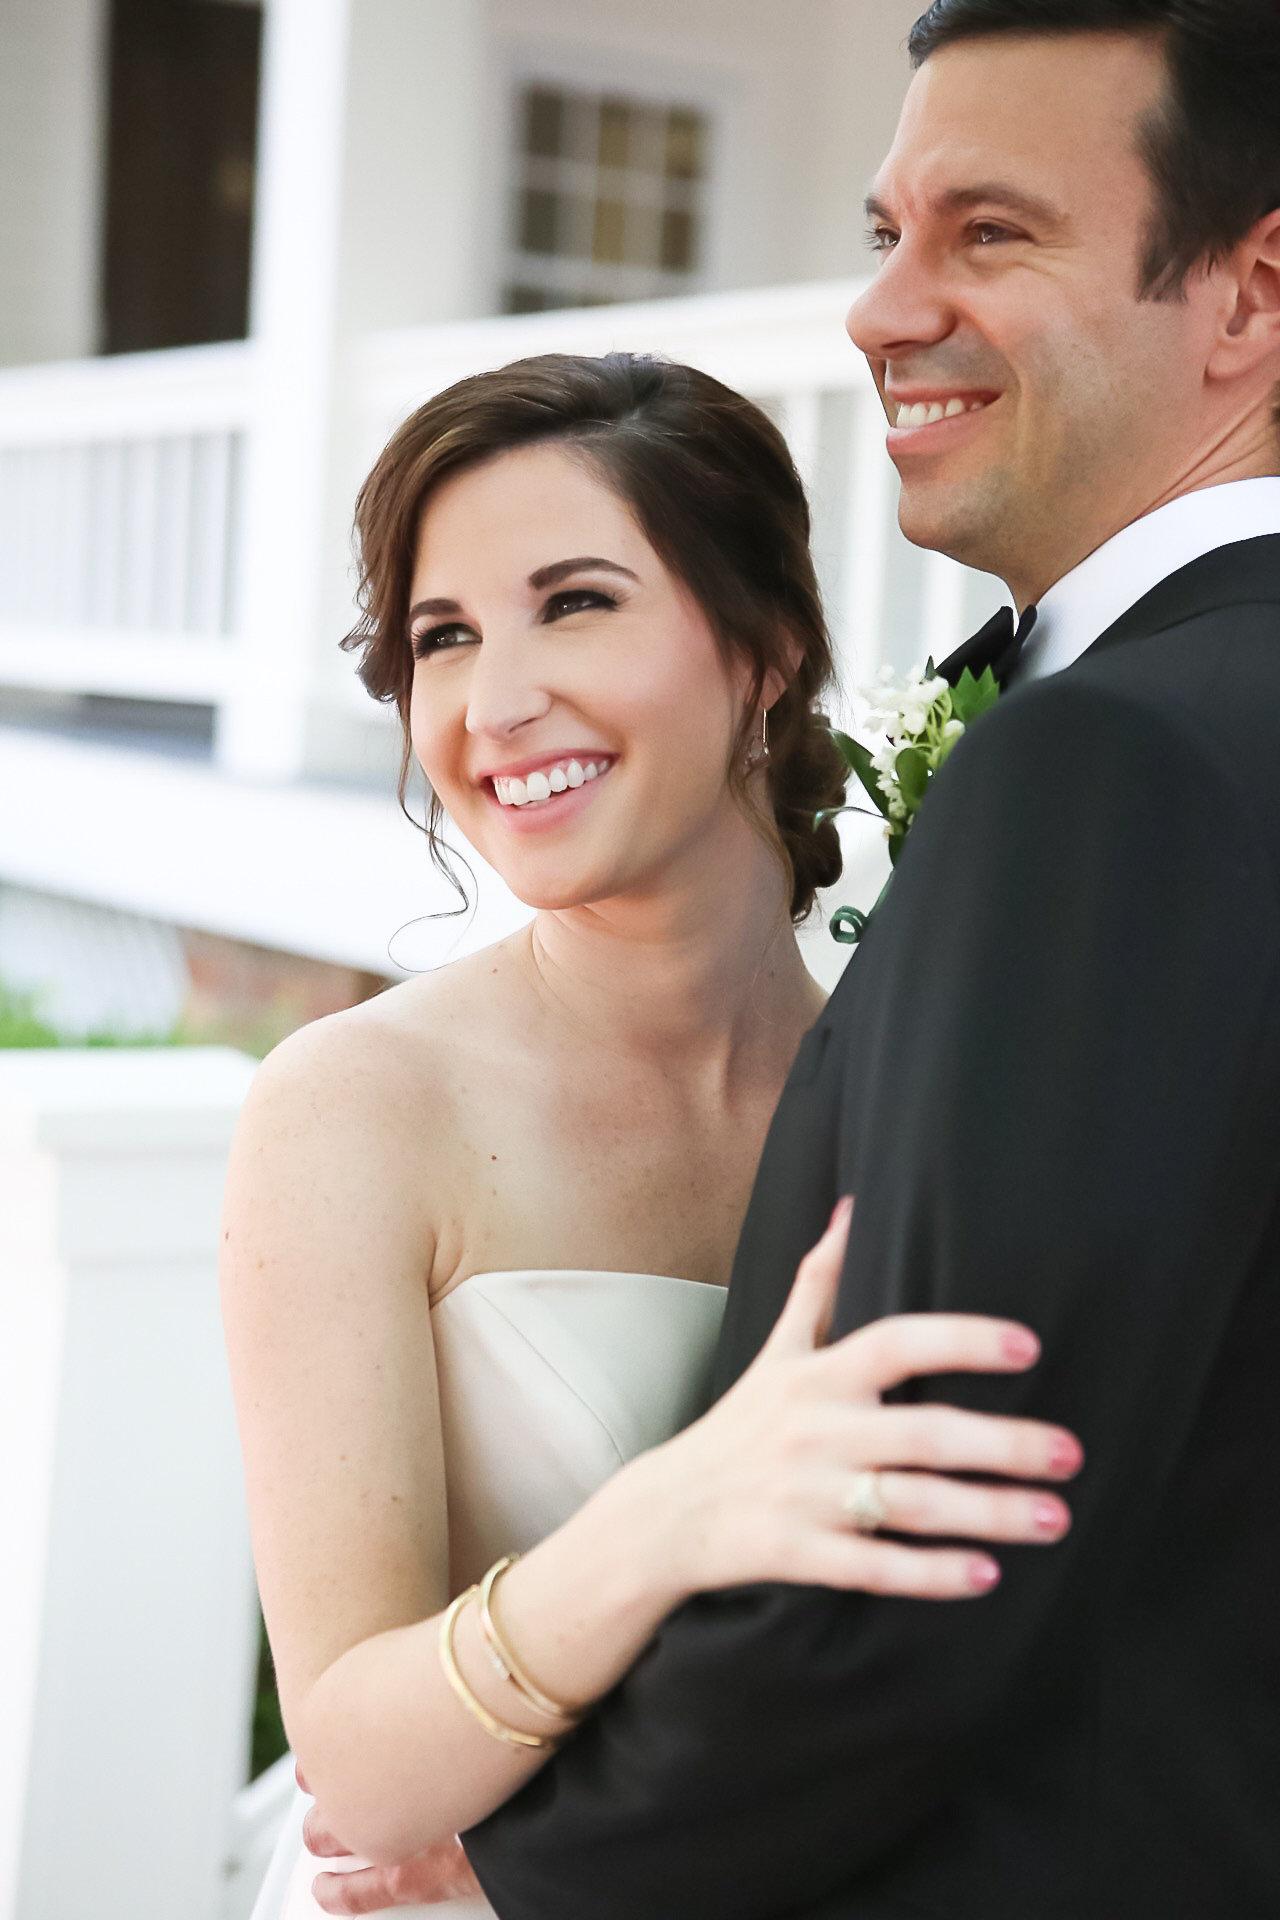 kelseywedding-as seen on facebook-0003.jpg